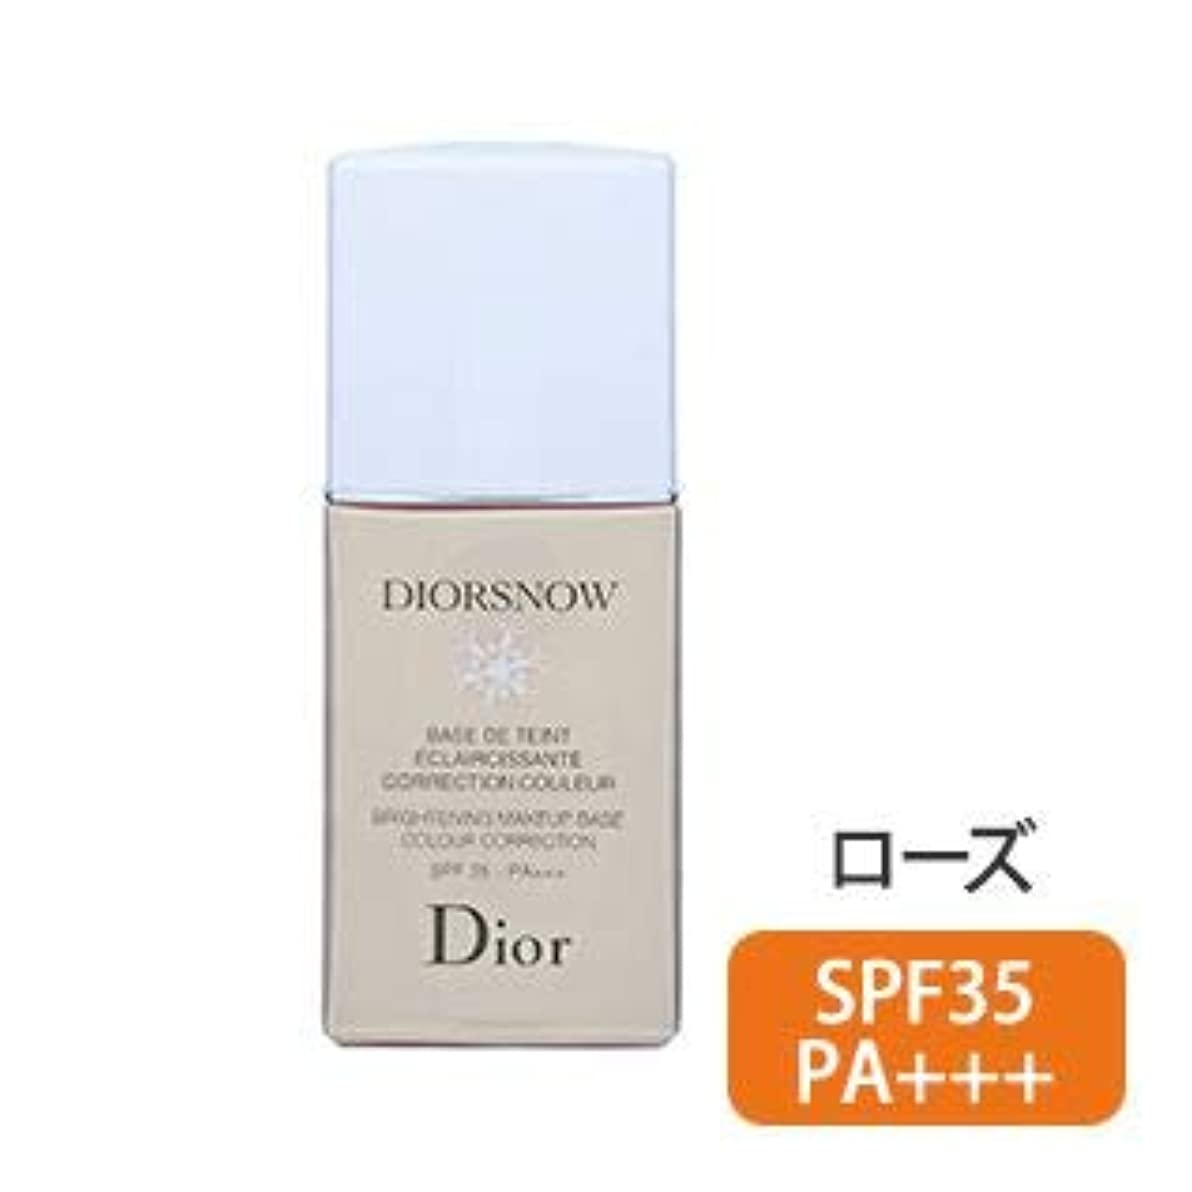 直接クレーン引用ディオール(Dior) スノー メイクアップ ベース UV35 (ローズ) [並行輸入品]